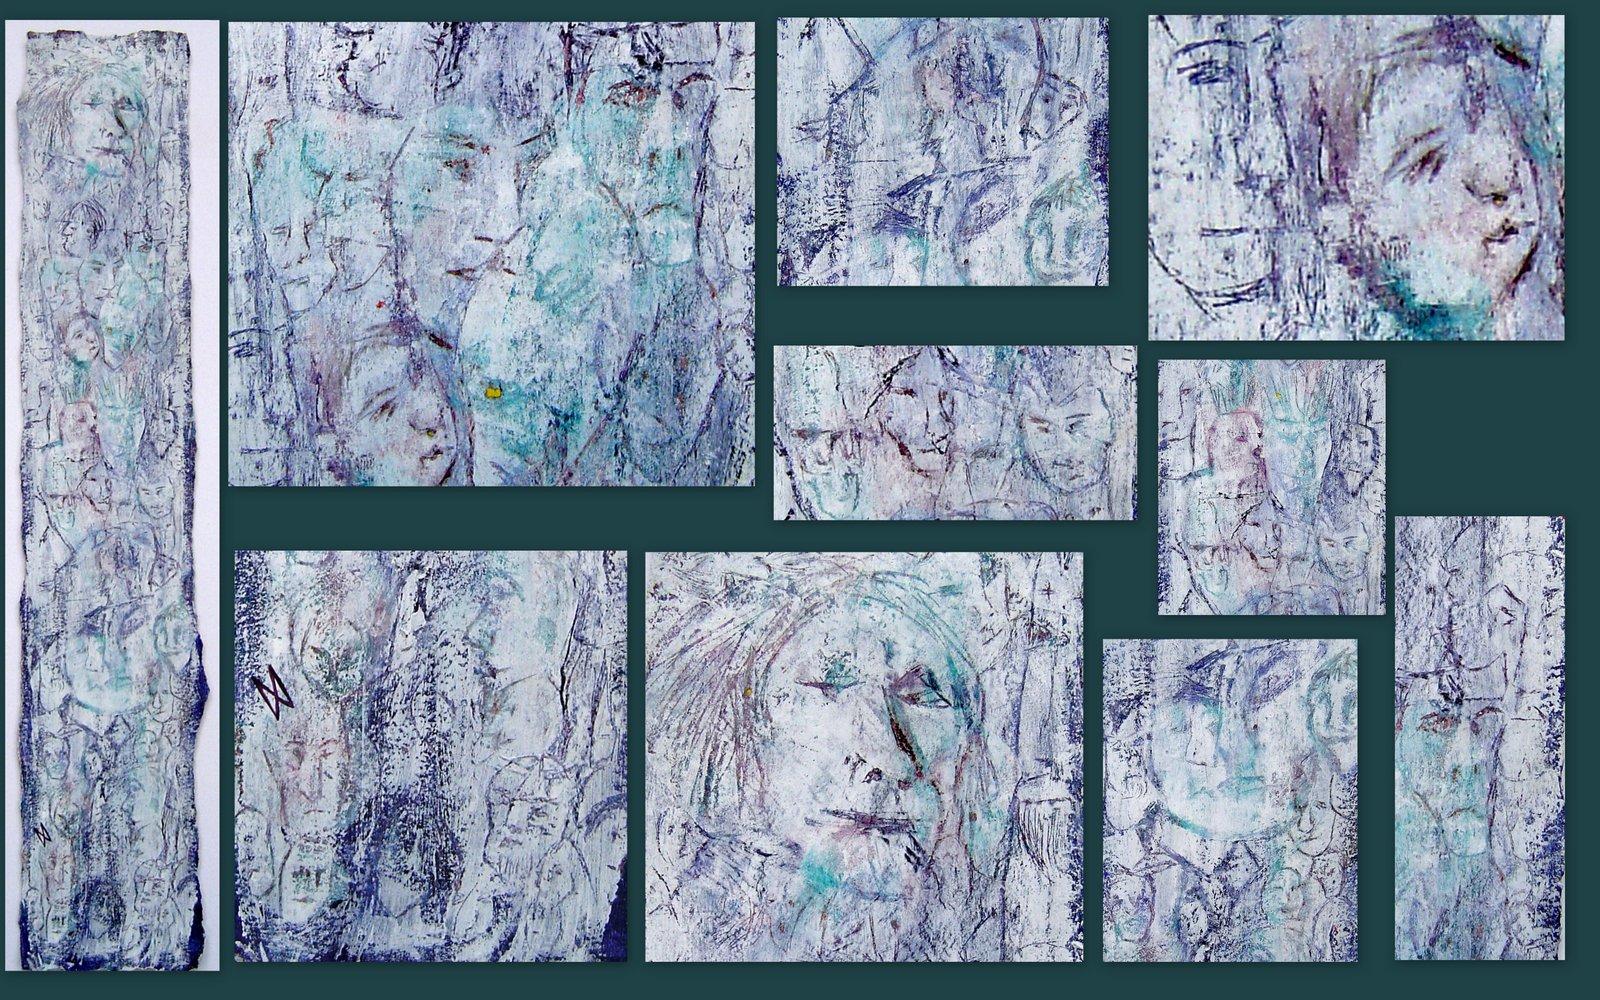 rockfaces-by-mary-wallace 1jpg